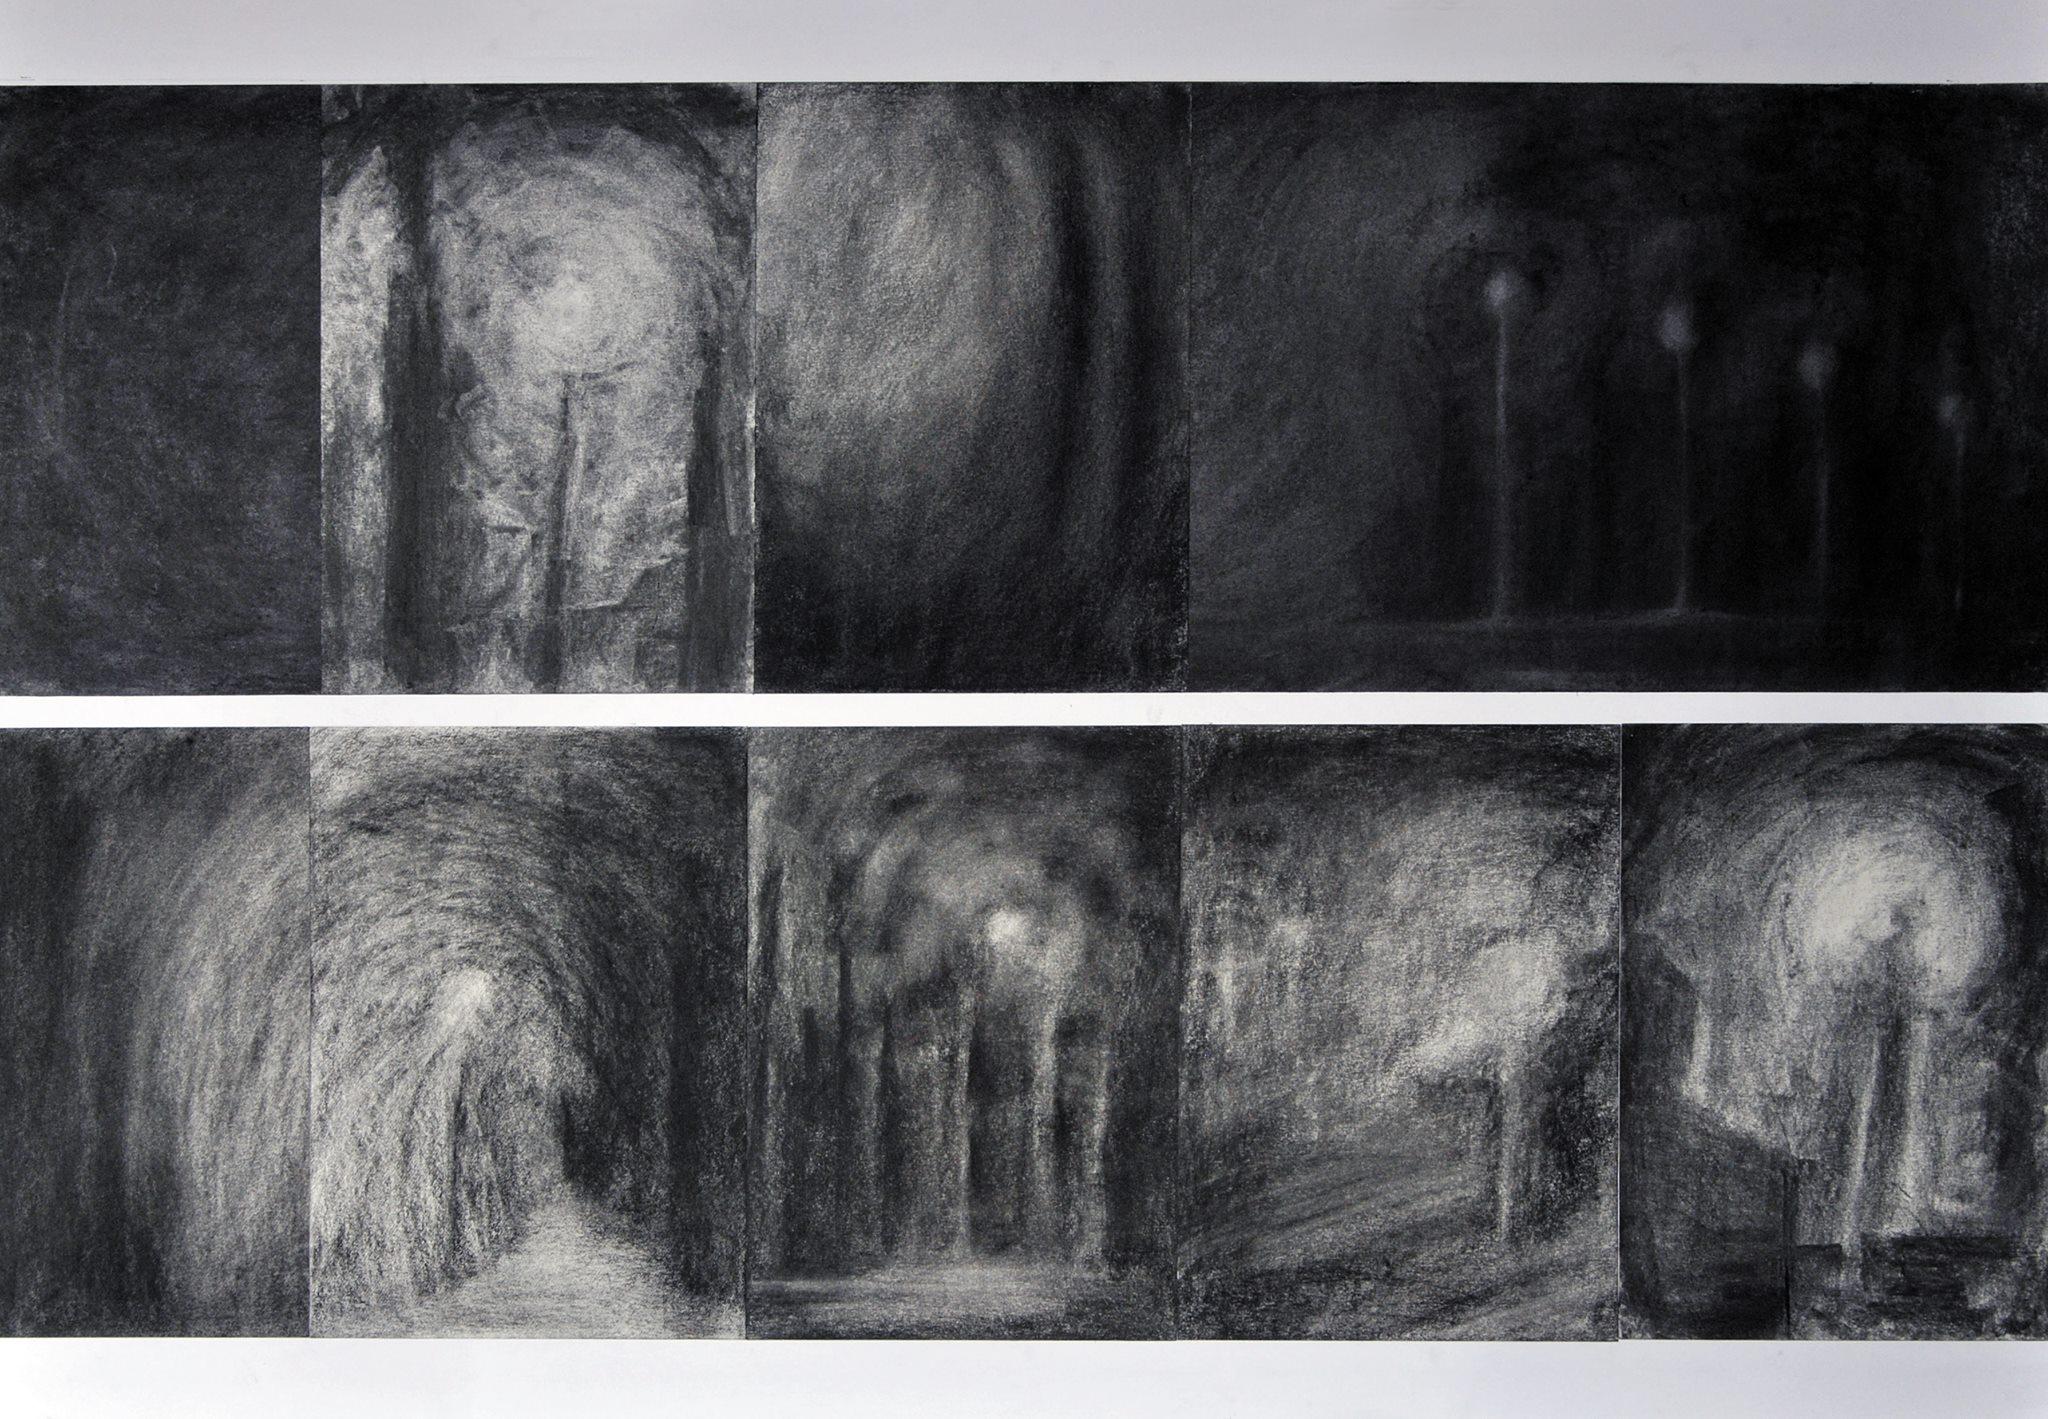 Praca konkursowa Darii Elwart pt. Listopadowe latarnie (technika węglowa)